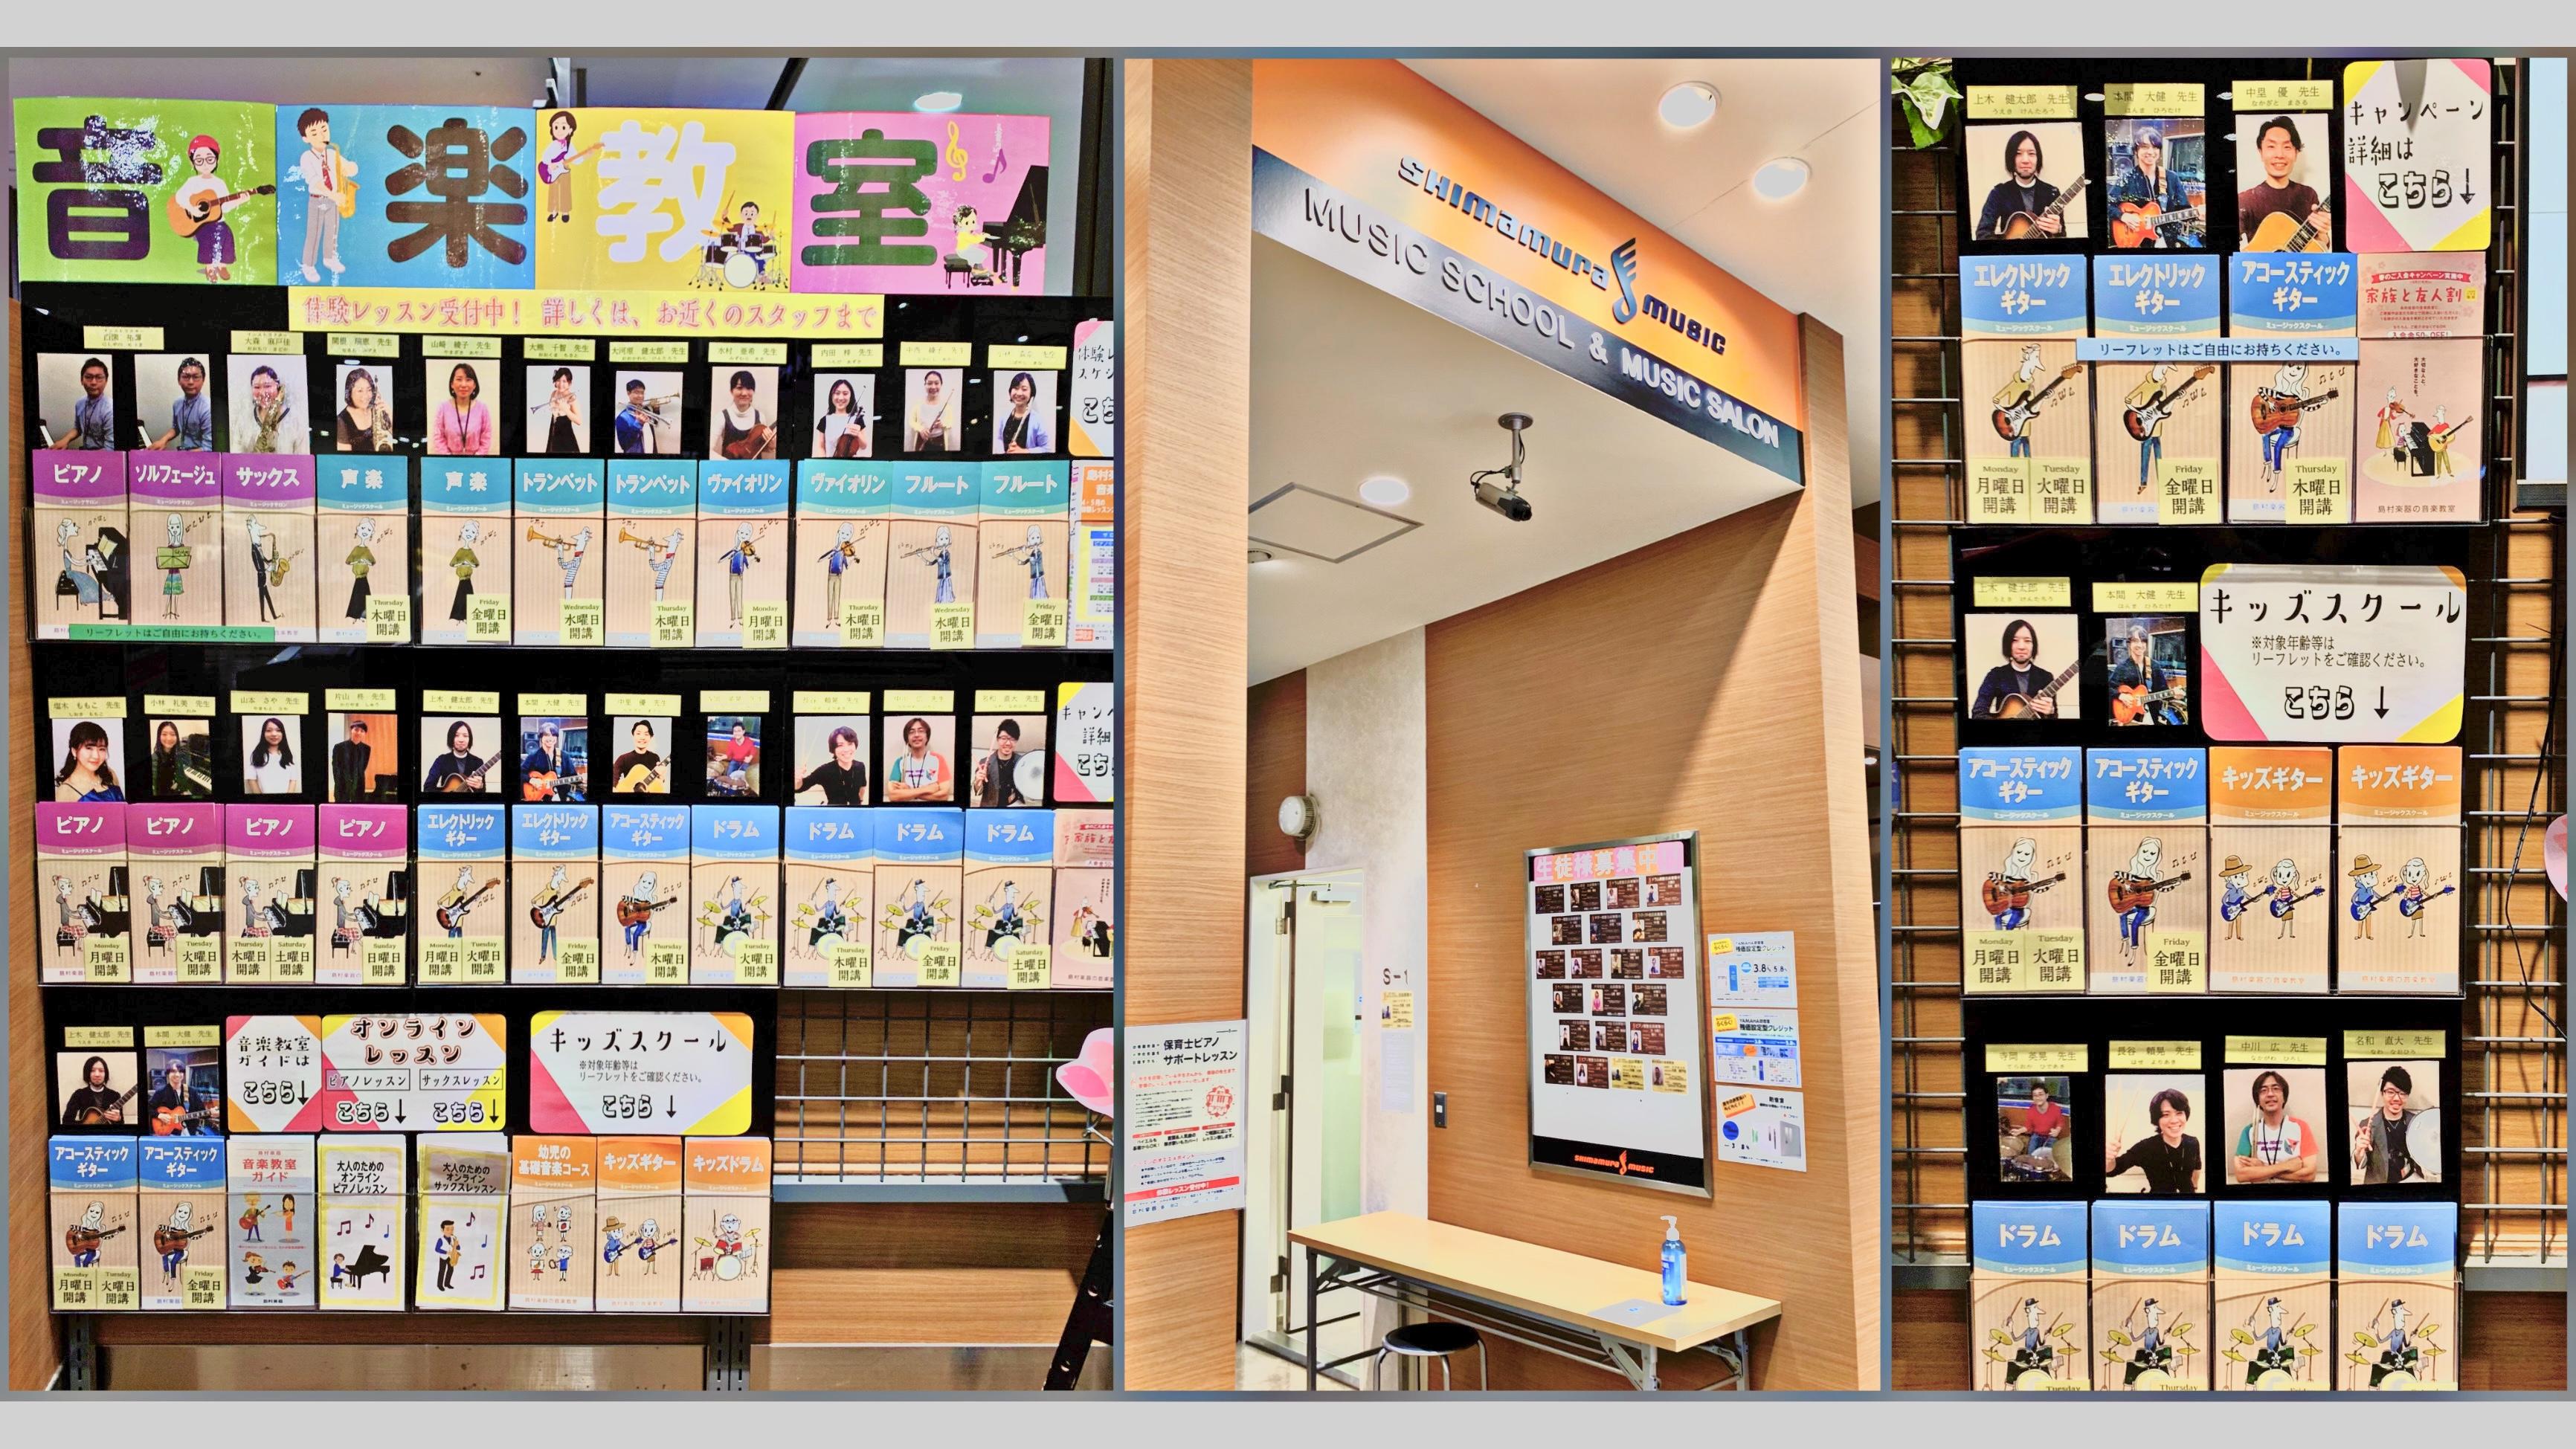 島村楽器イオンモール春日部店音楽教室